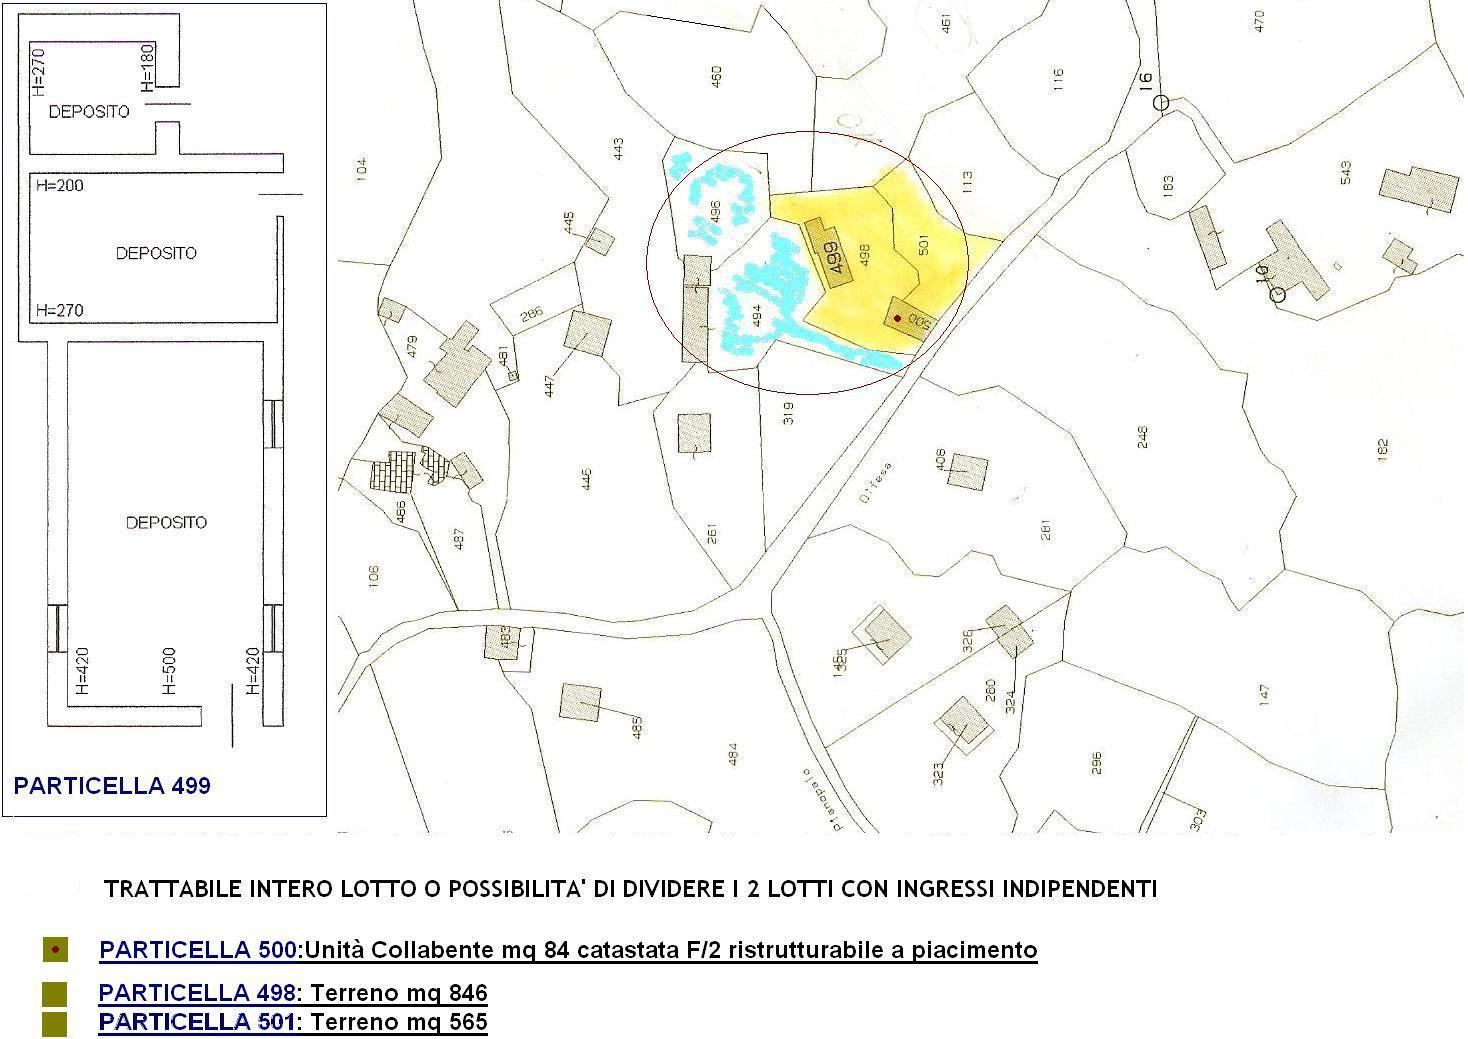 Image Appartamento in Contrada Difesa di Bronte (CT) Zona Parco dell'ETNA e Terreno Coltivabile e Pertinenze 2